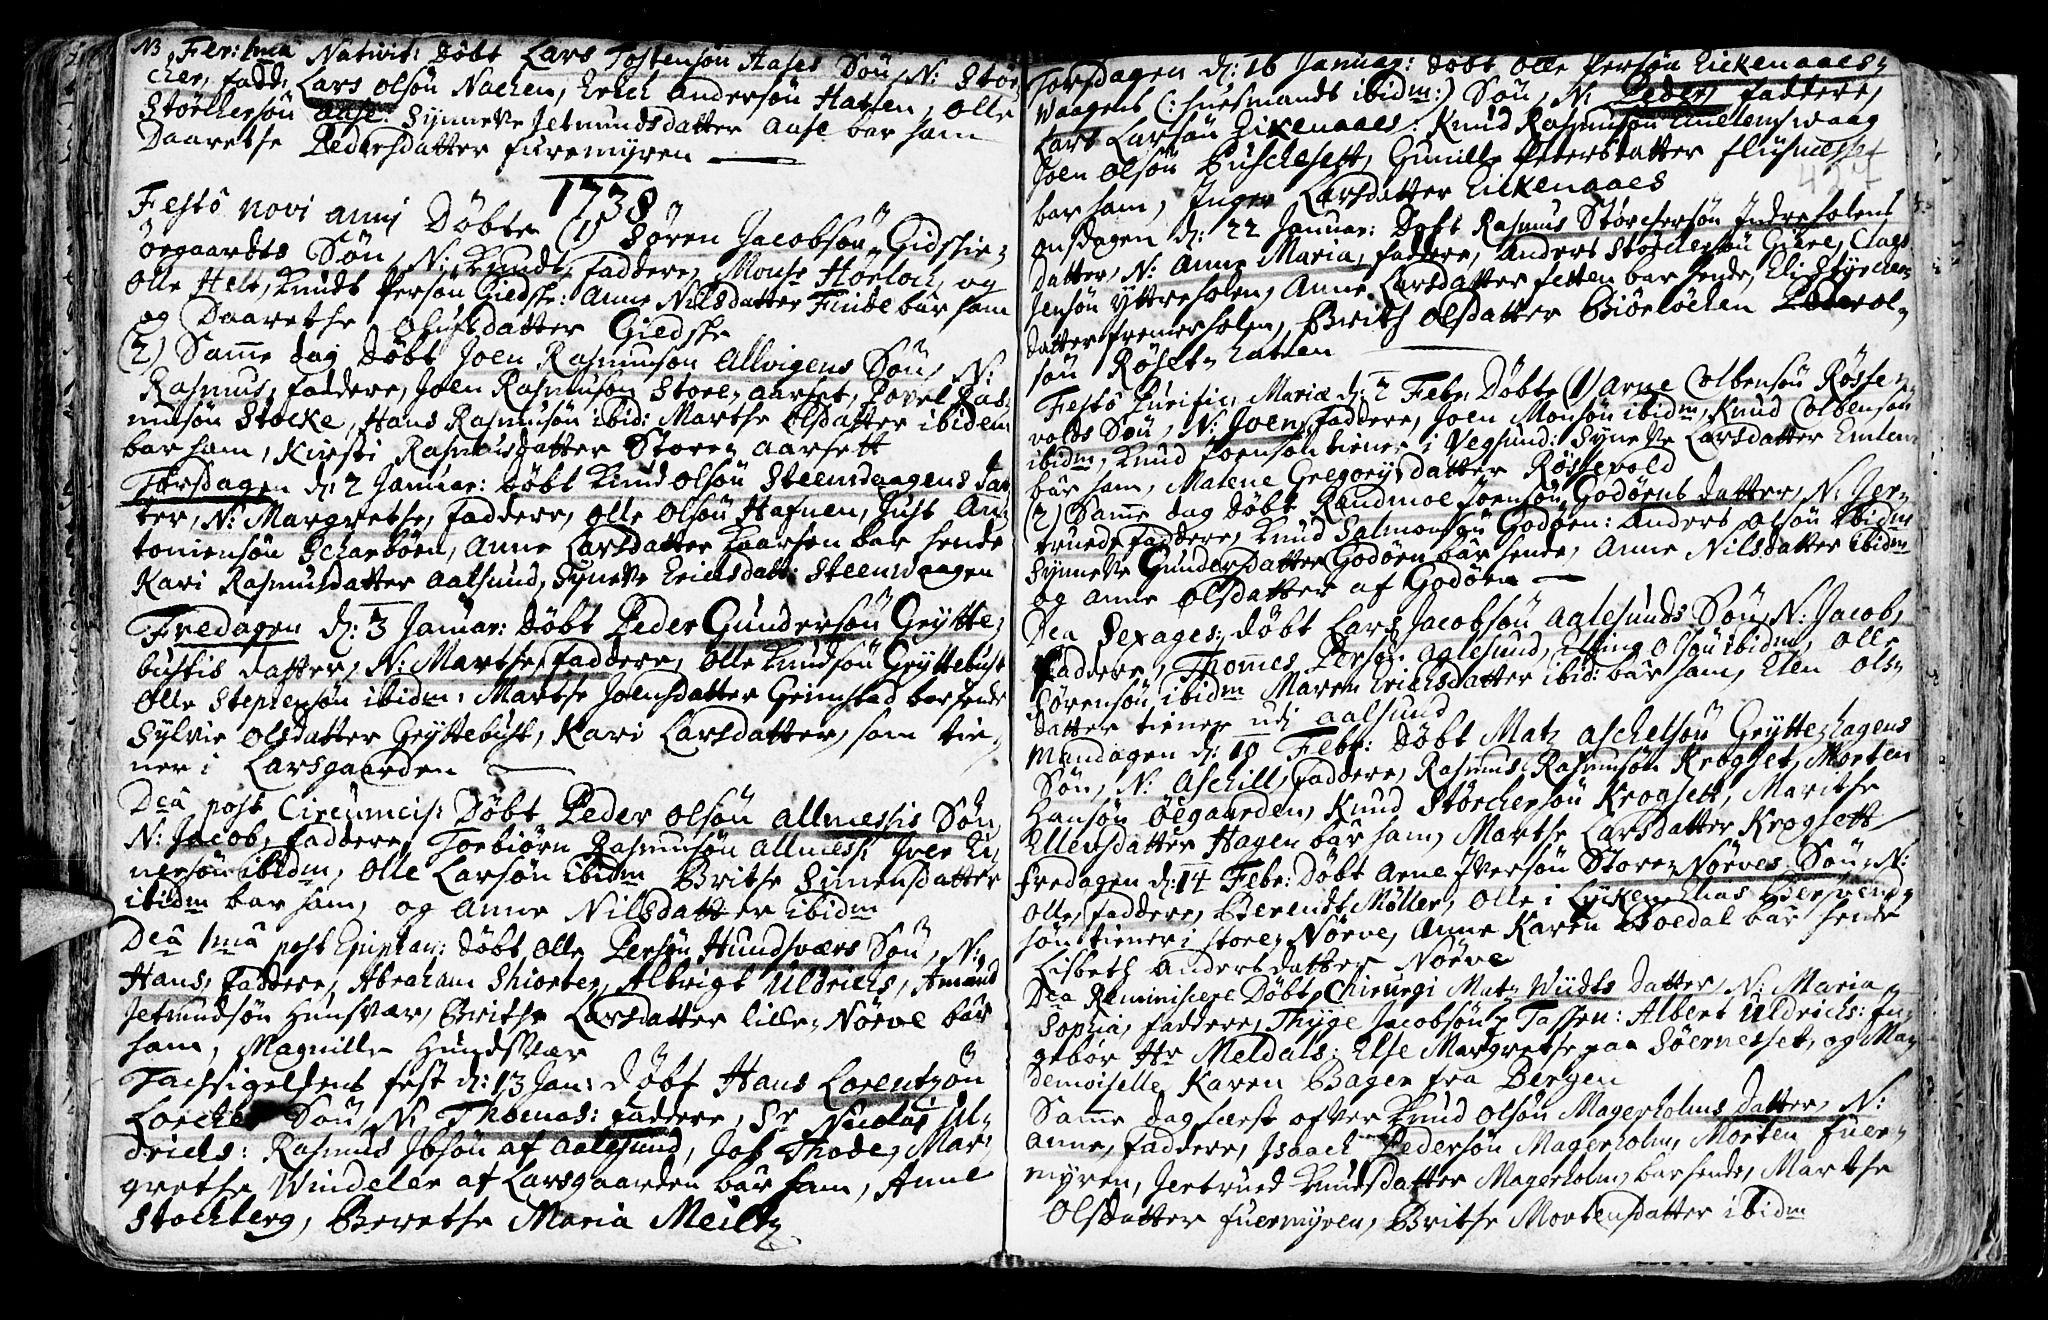 SAT, Ministerialprotokoller, klokkerbøker og fødselsregistre - Møre og Romsdal, 528/L0390: Ministerialbok nr. 528A01, 1698-1739, s. 426-427